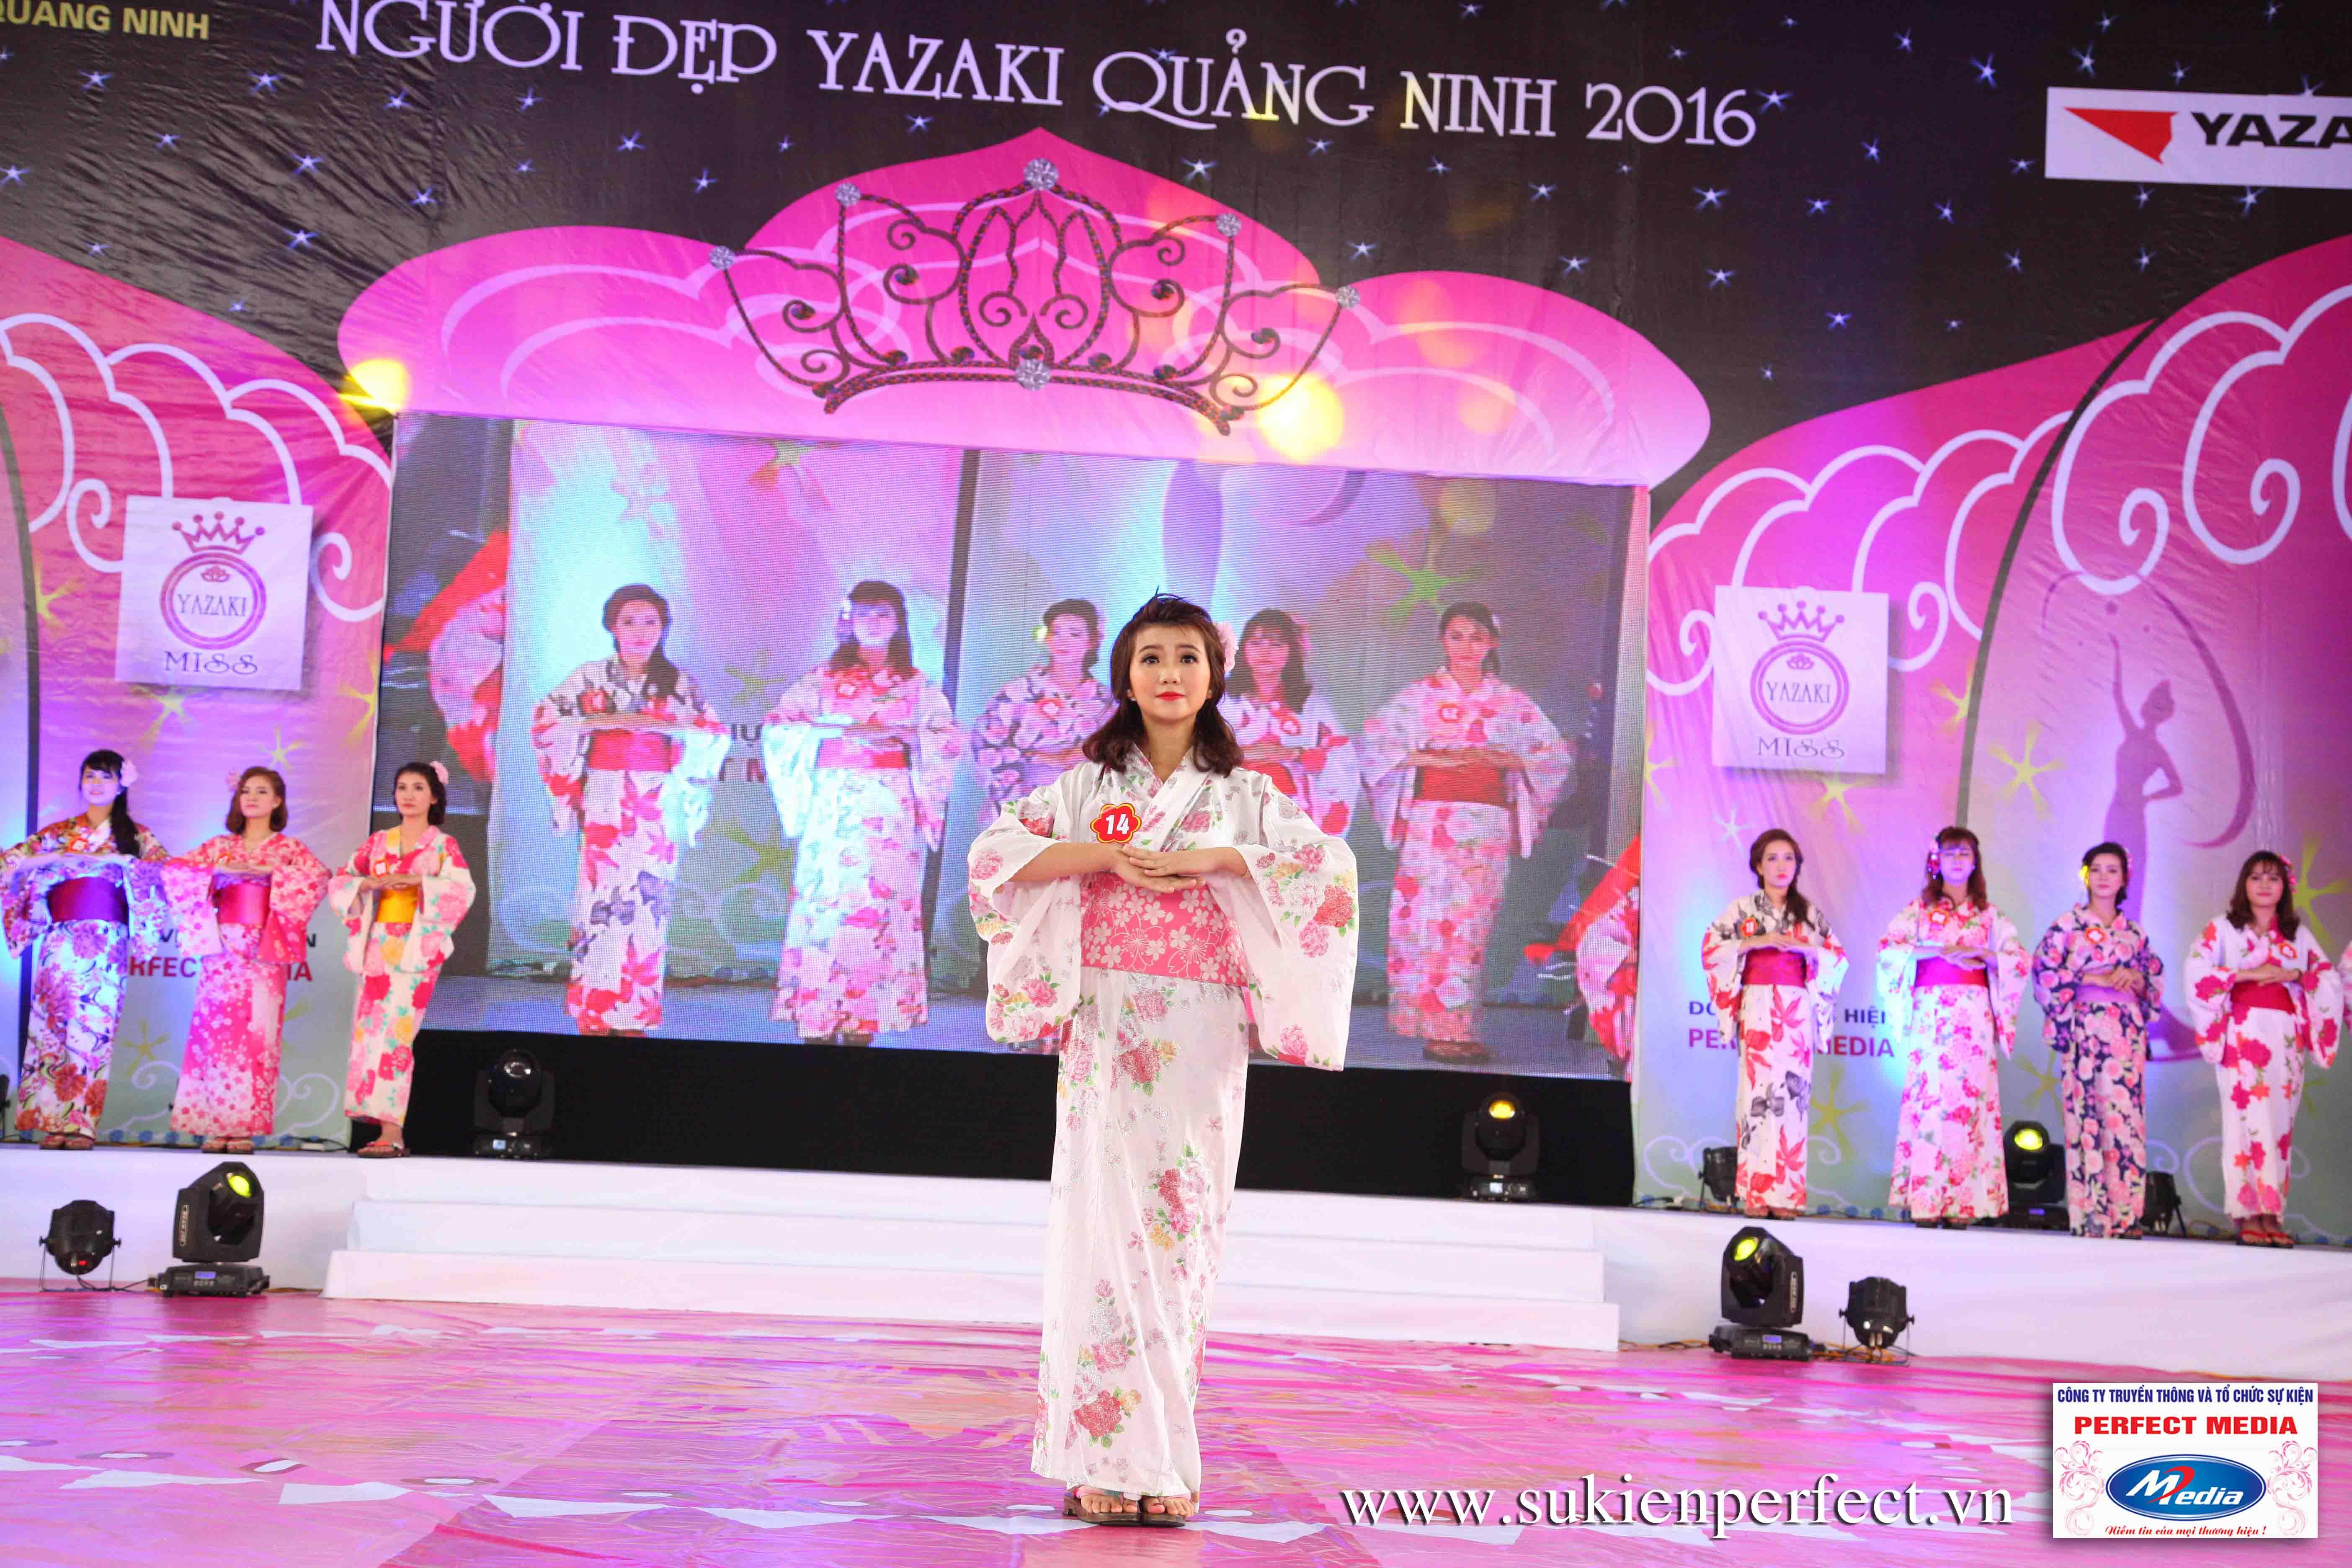 Hình ảnh các thí sinh trong trang phục Kimono - Người đẹp Yazaki Quảng Ninh 2016 - 15